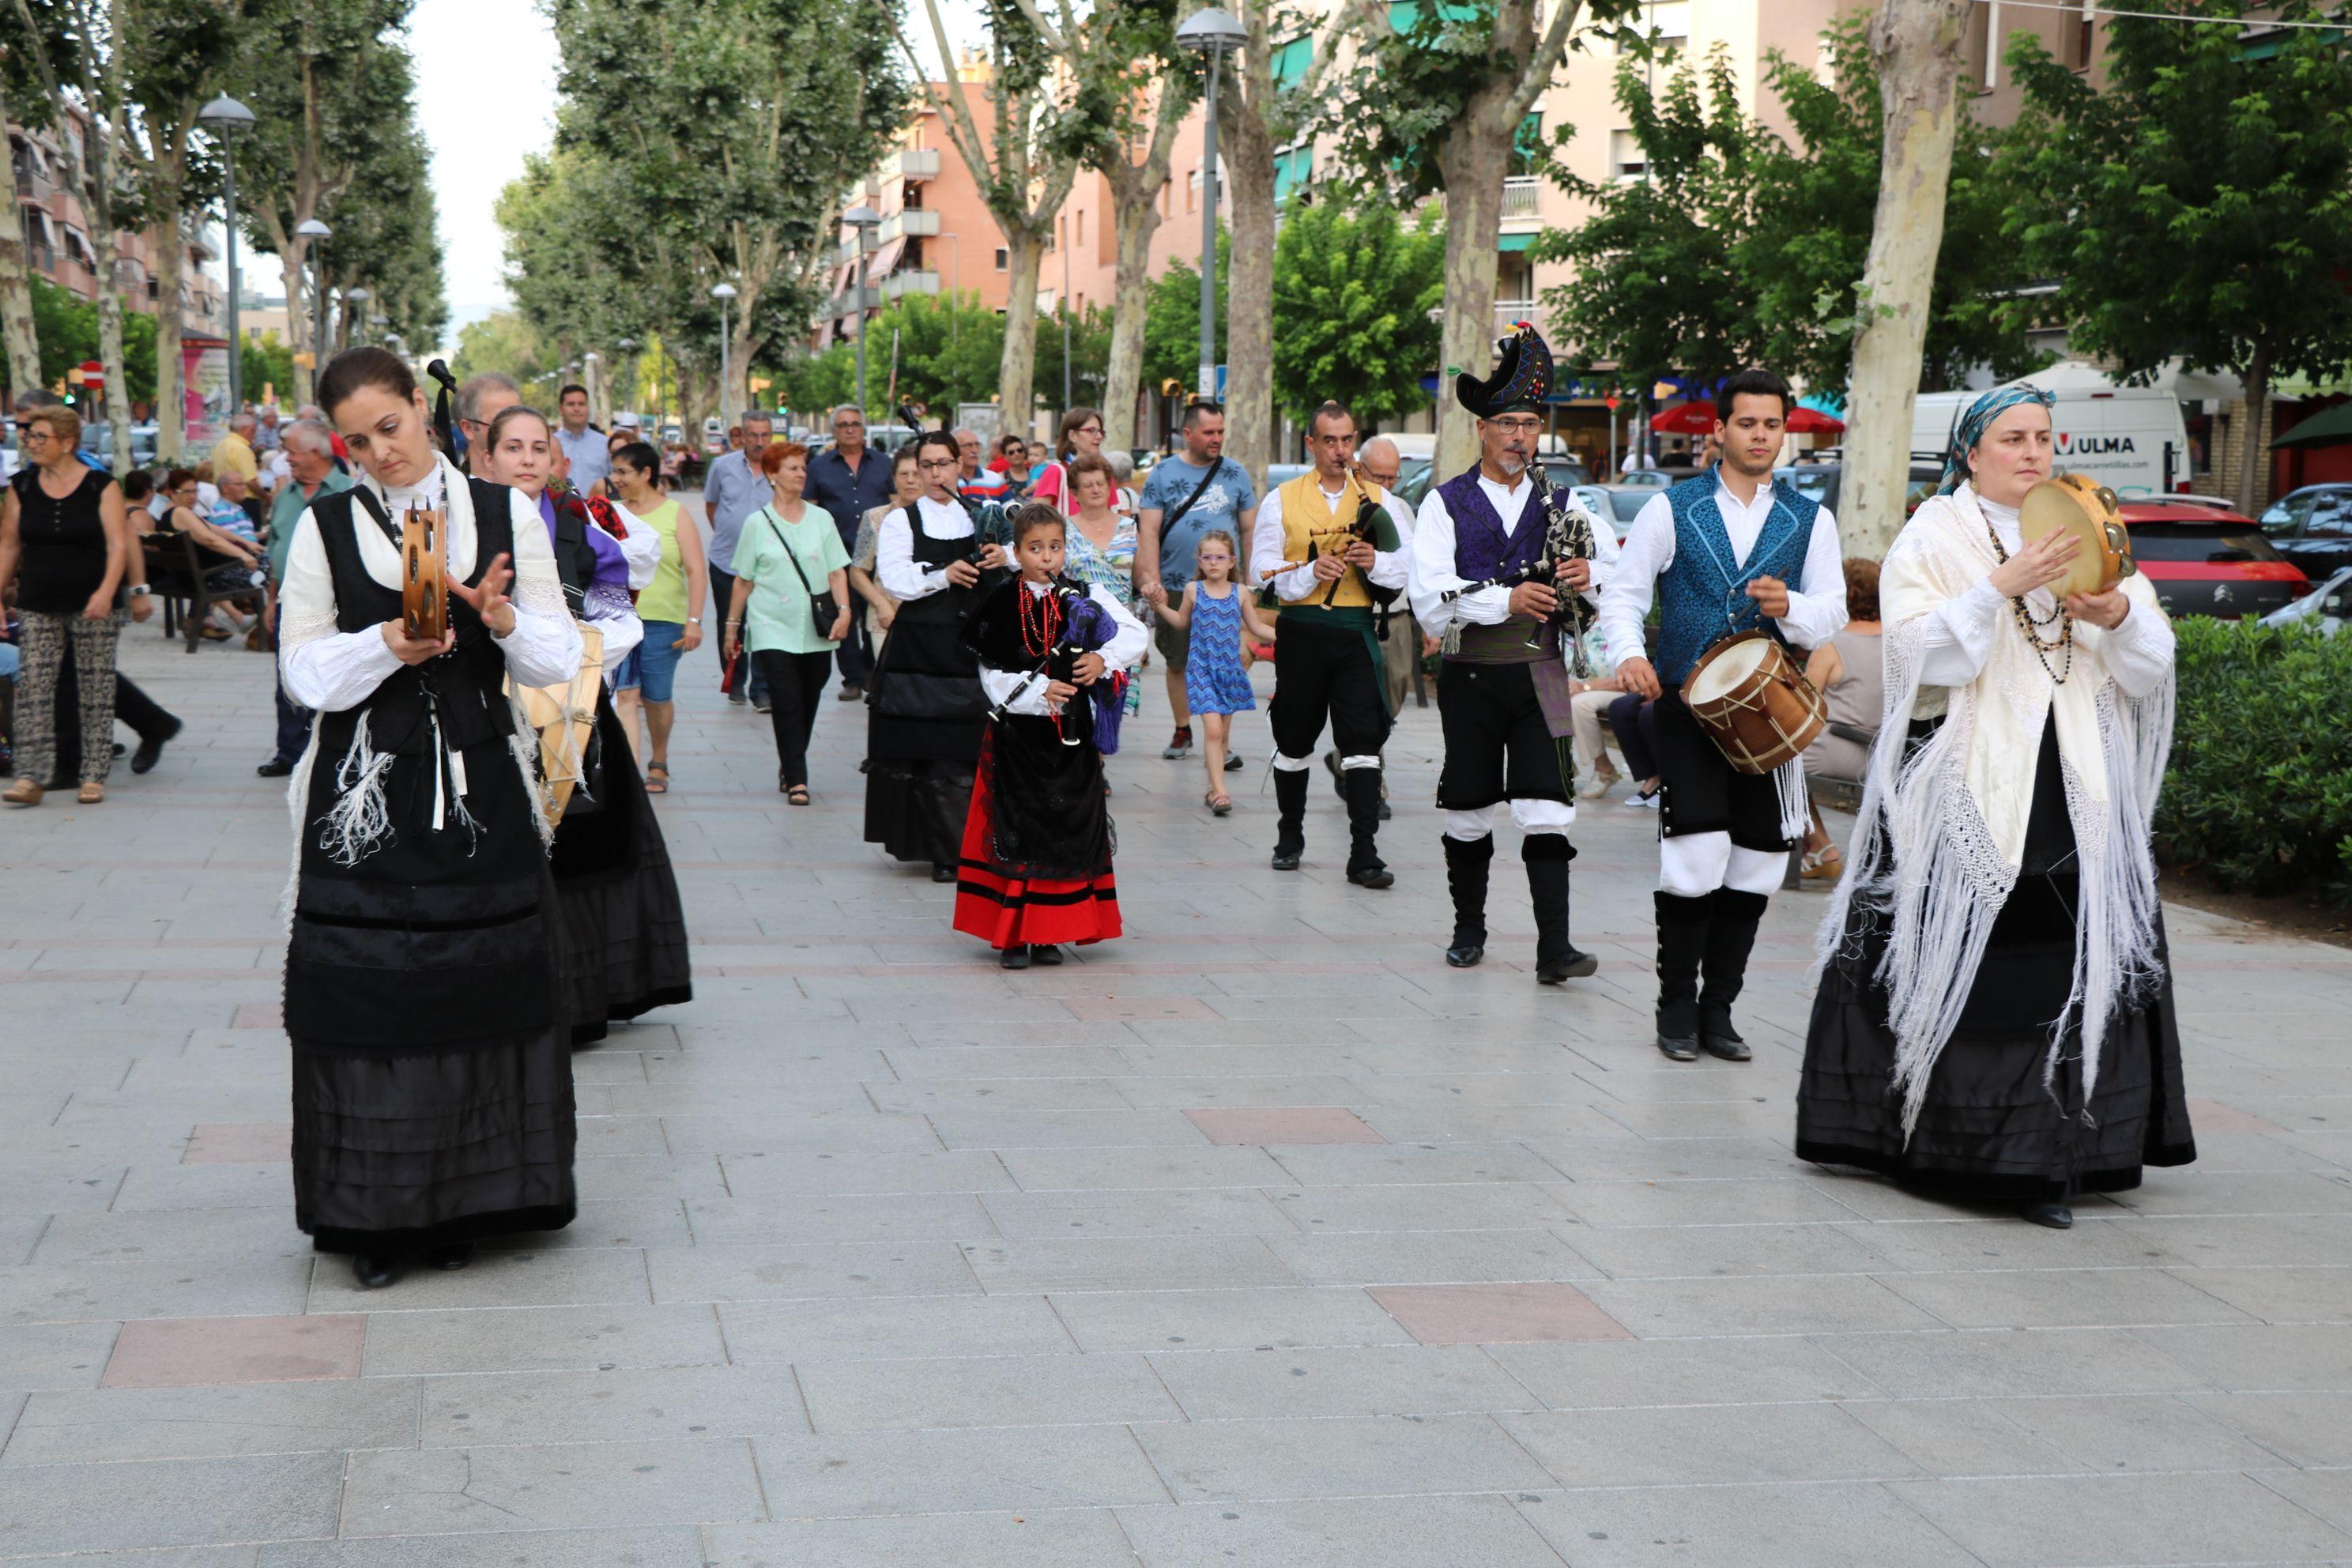 Aquest cap de setmana se celebra la 21a Festa Galega organitzada per Alborada